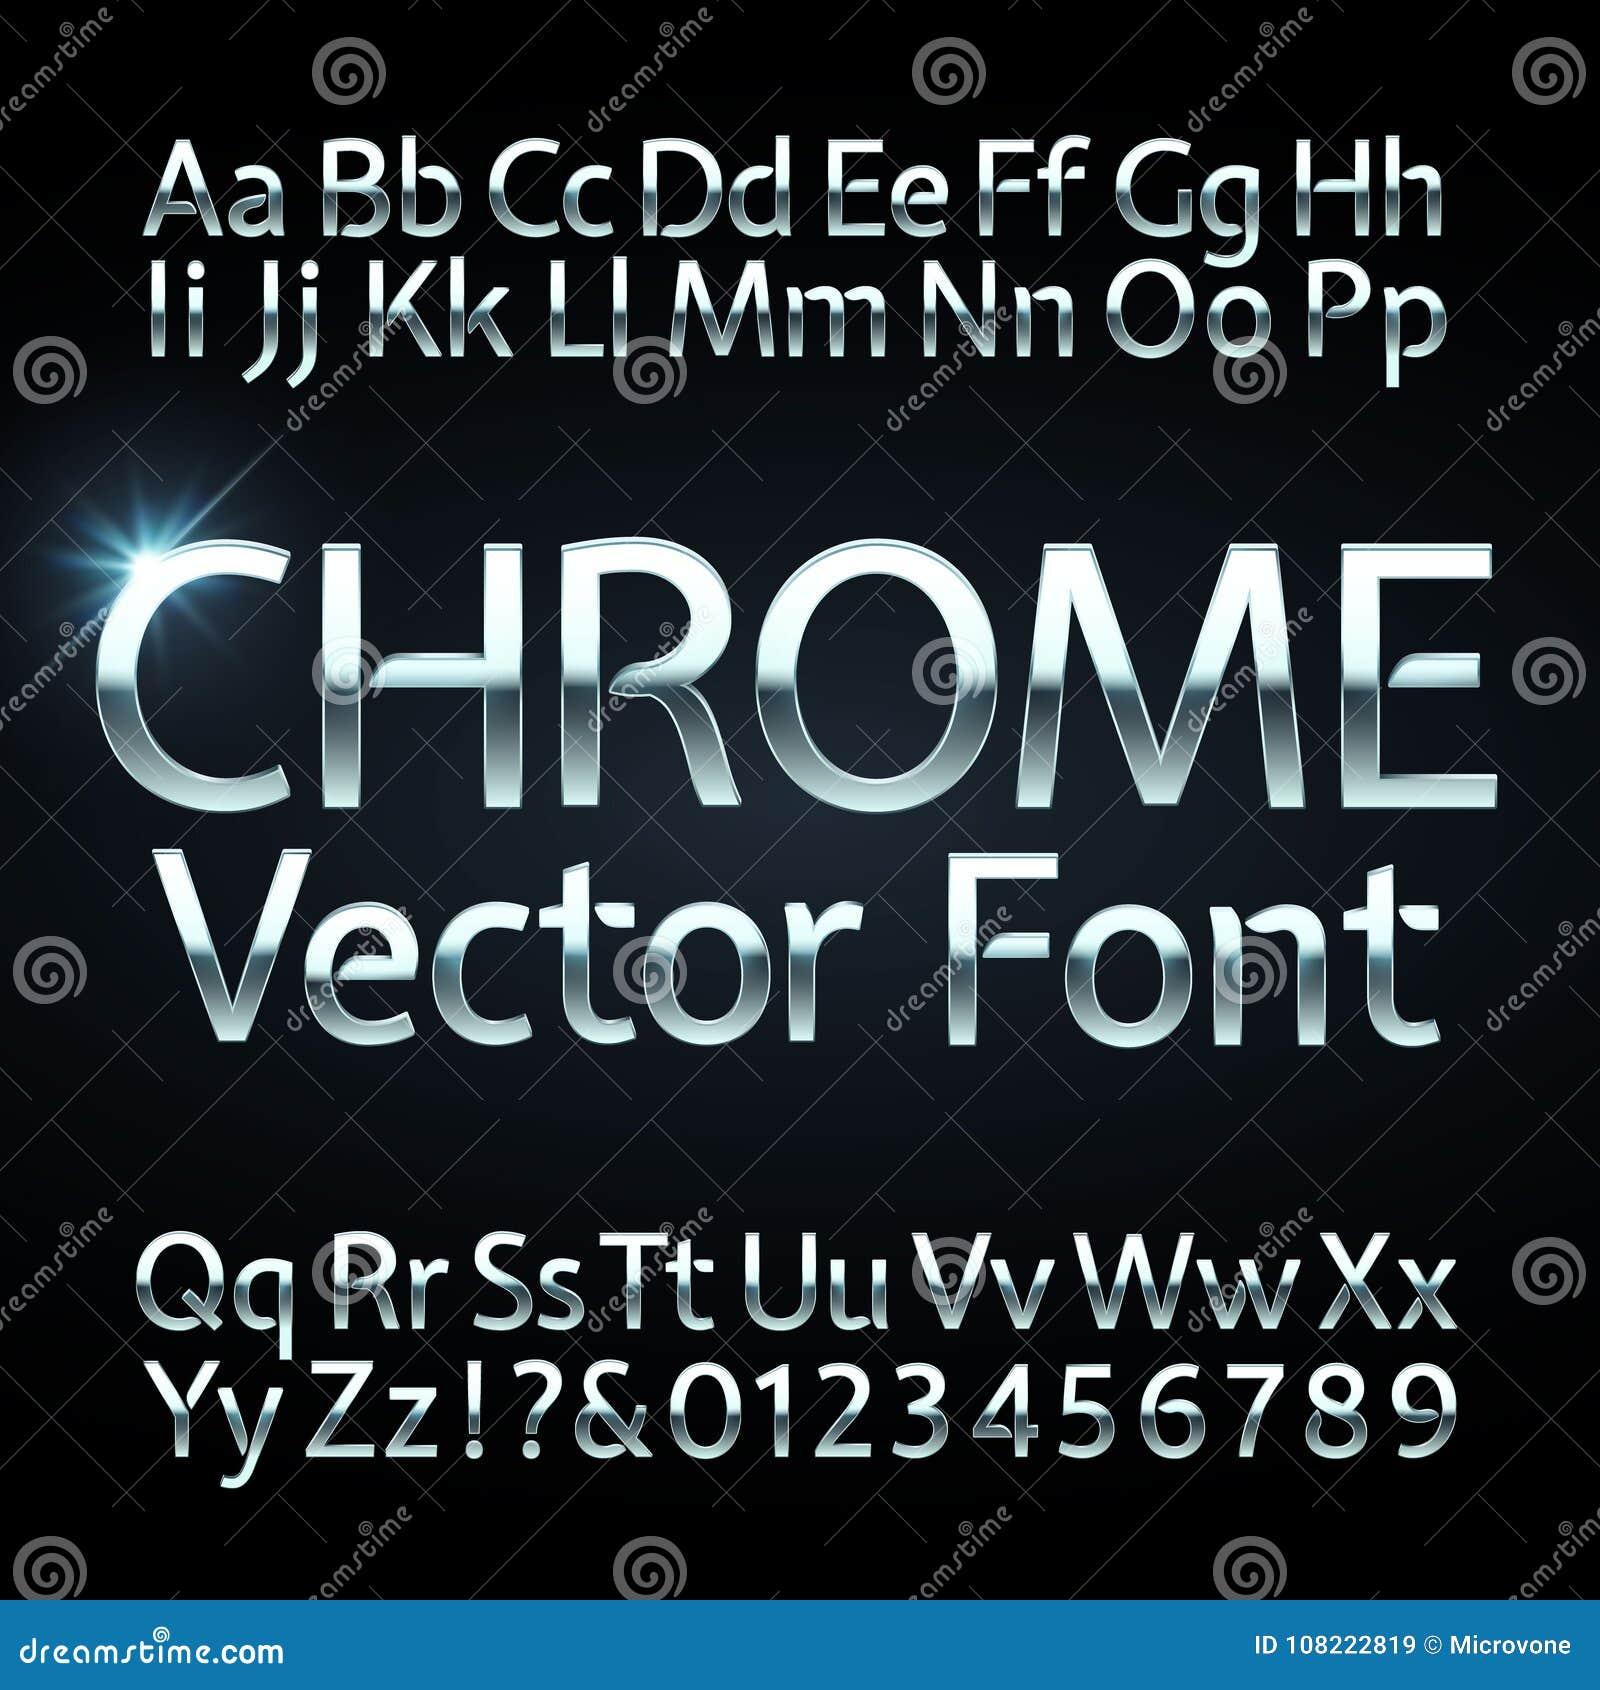 Χρώμιο, χάλυβας ή ασημένιες επιστολές και διανυσματικό αλφάβητο αριθμών Μεταλλικός χαρακτήρας, πηγή